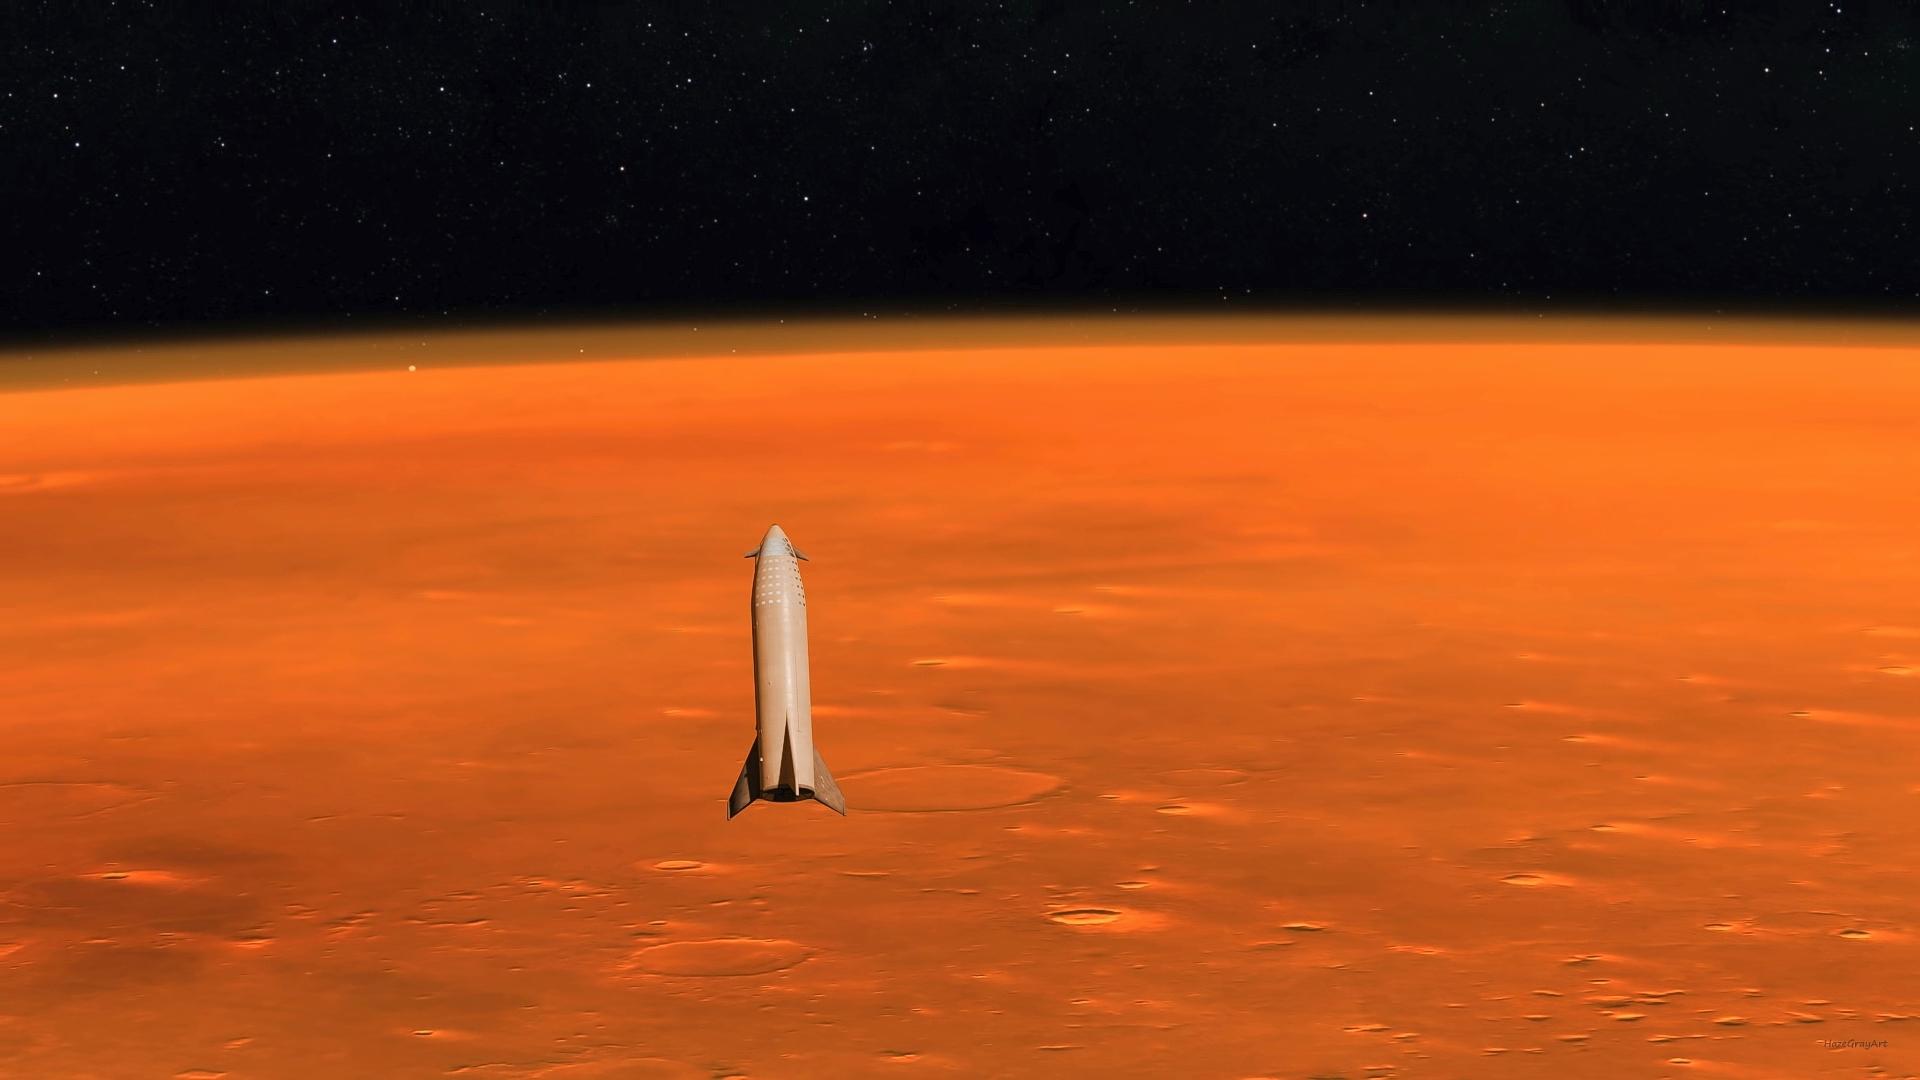 Spacex Big Falcon Ship Approaching Mars By Hazegrayart